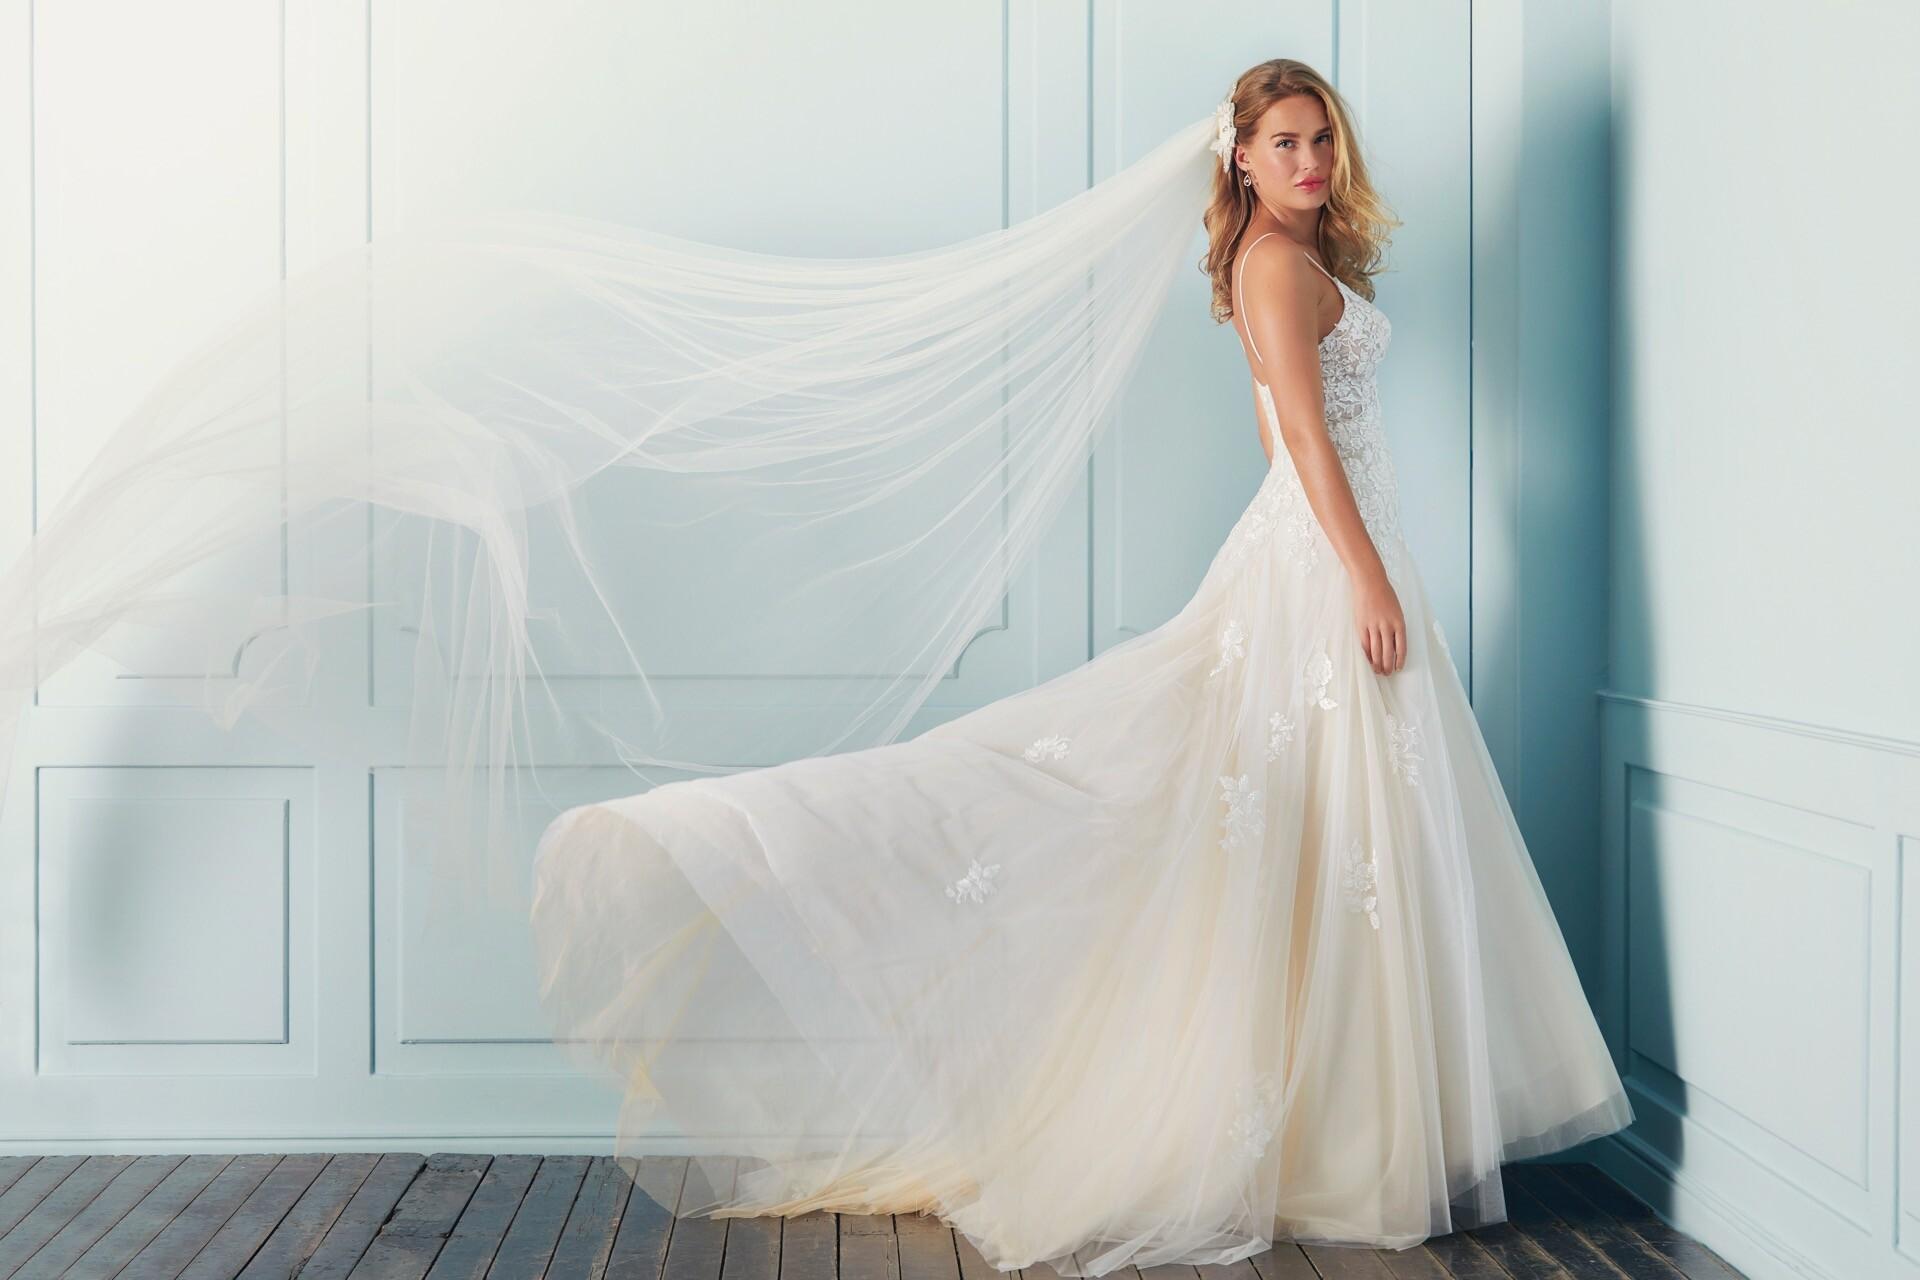 Luftig-leichtes Prinzess-Brautkleid in Nude mit 3D-Spitze, Transparenzen und Spaghettiträgern von Lilly, Modell 4103